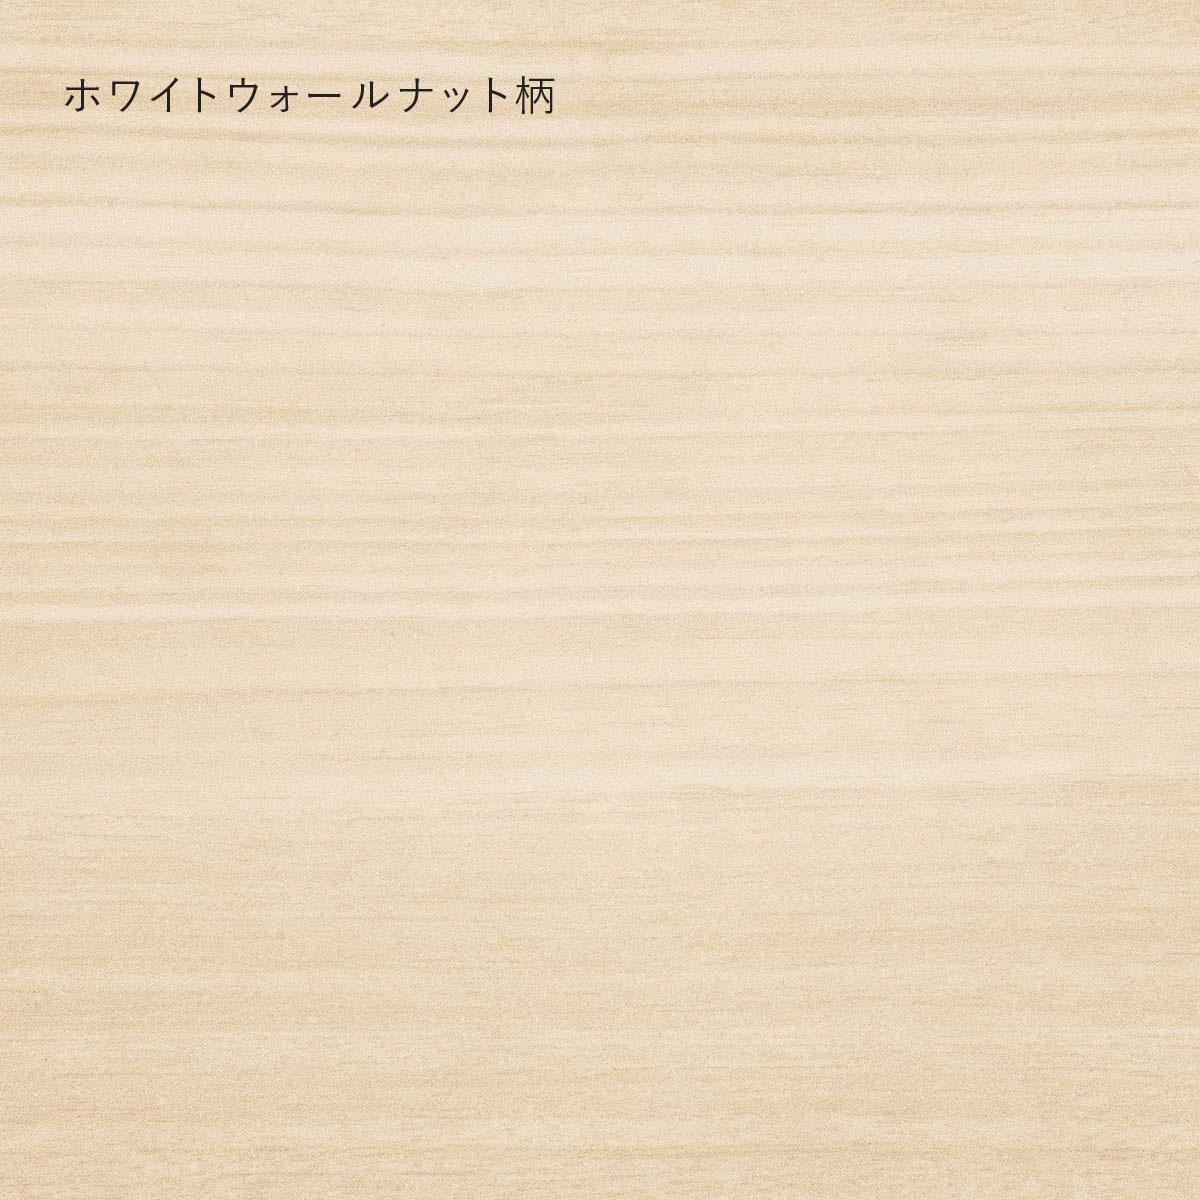 【V-TISS LIGHT】 ハーフ浅型2連 (横取付けタイプ)